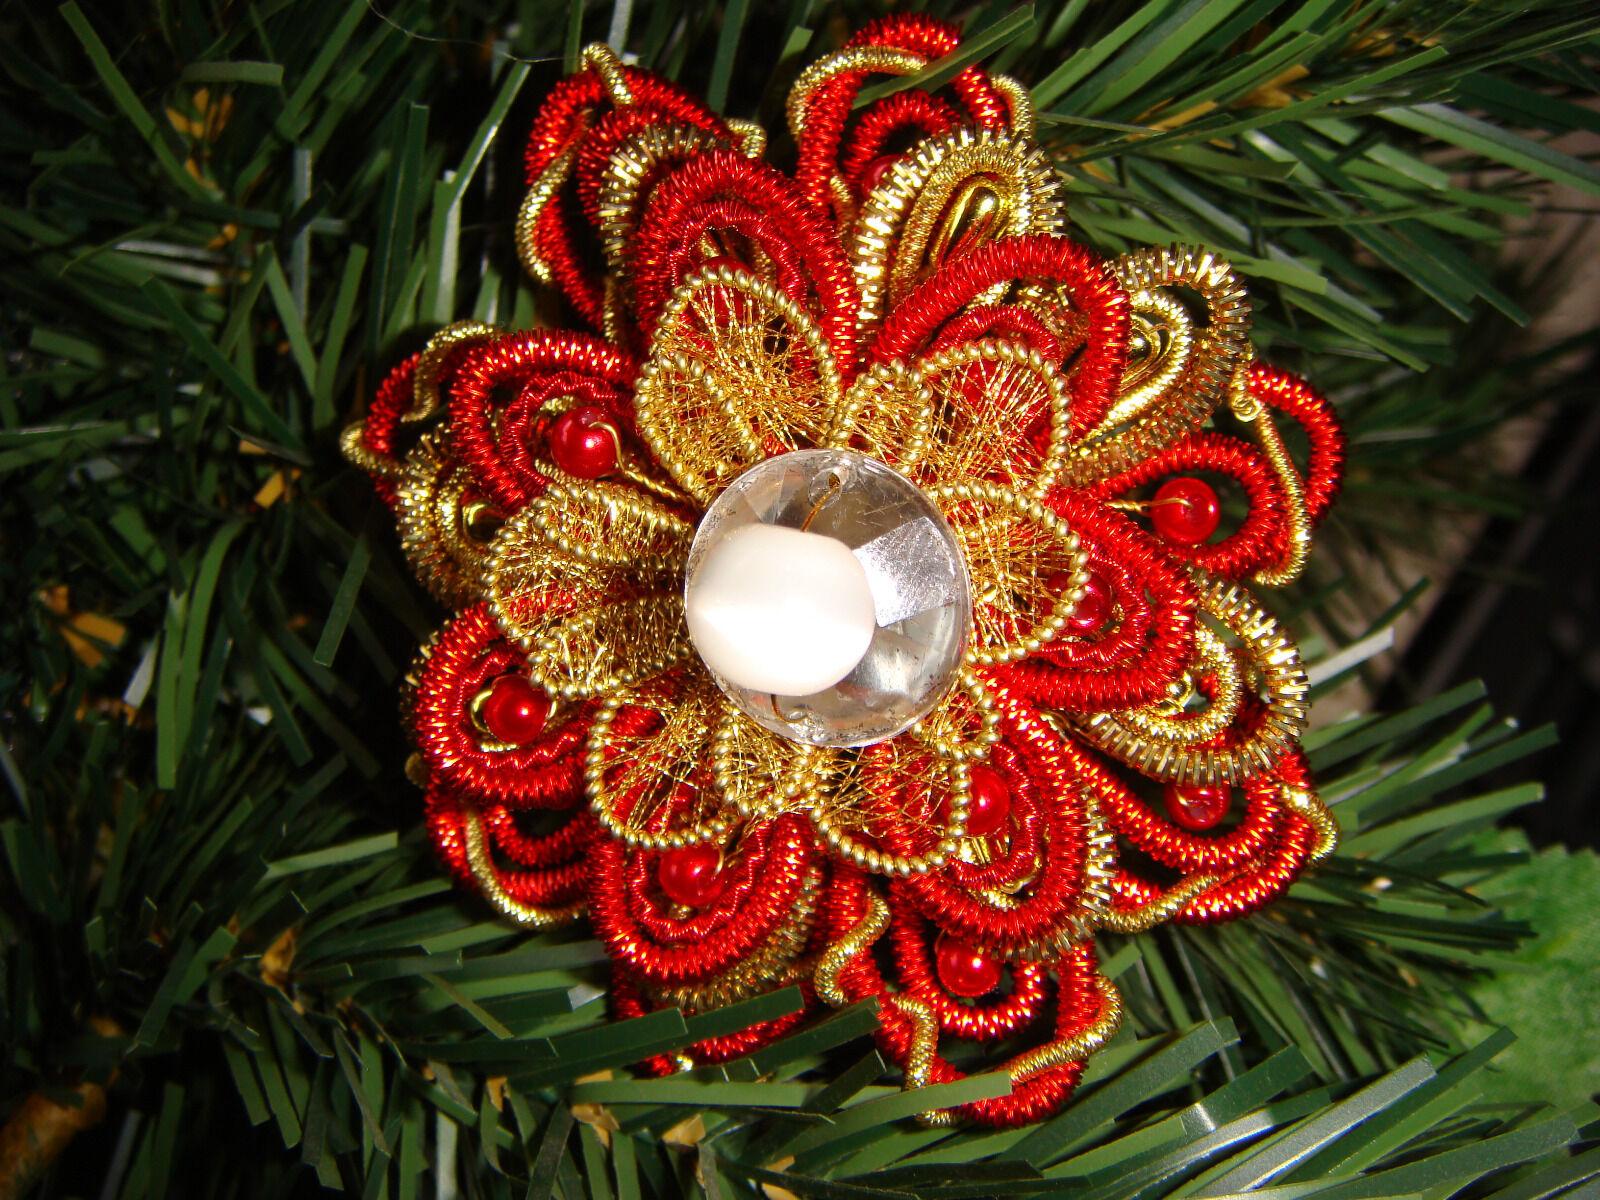 Klosterarbeit blumen serviettenring weihnachten dekoration schmuck blumenstrau eur 7 00 - Weihnachten dekoration ...